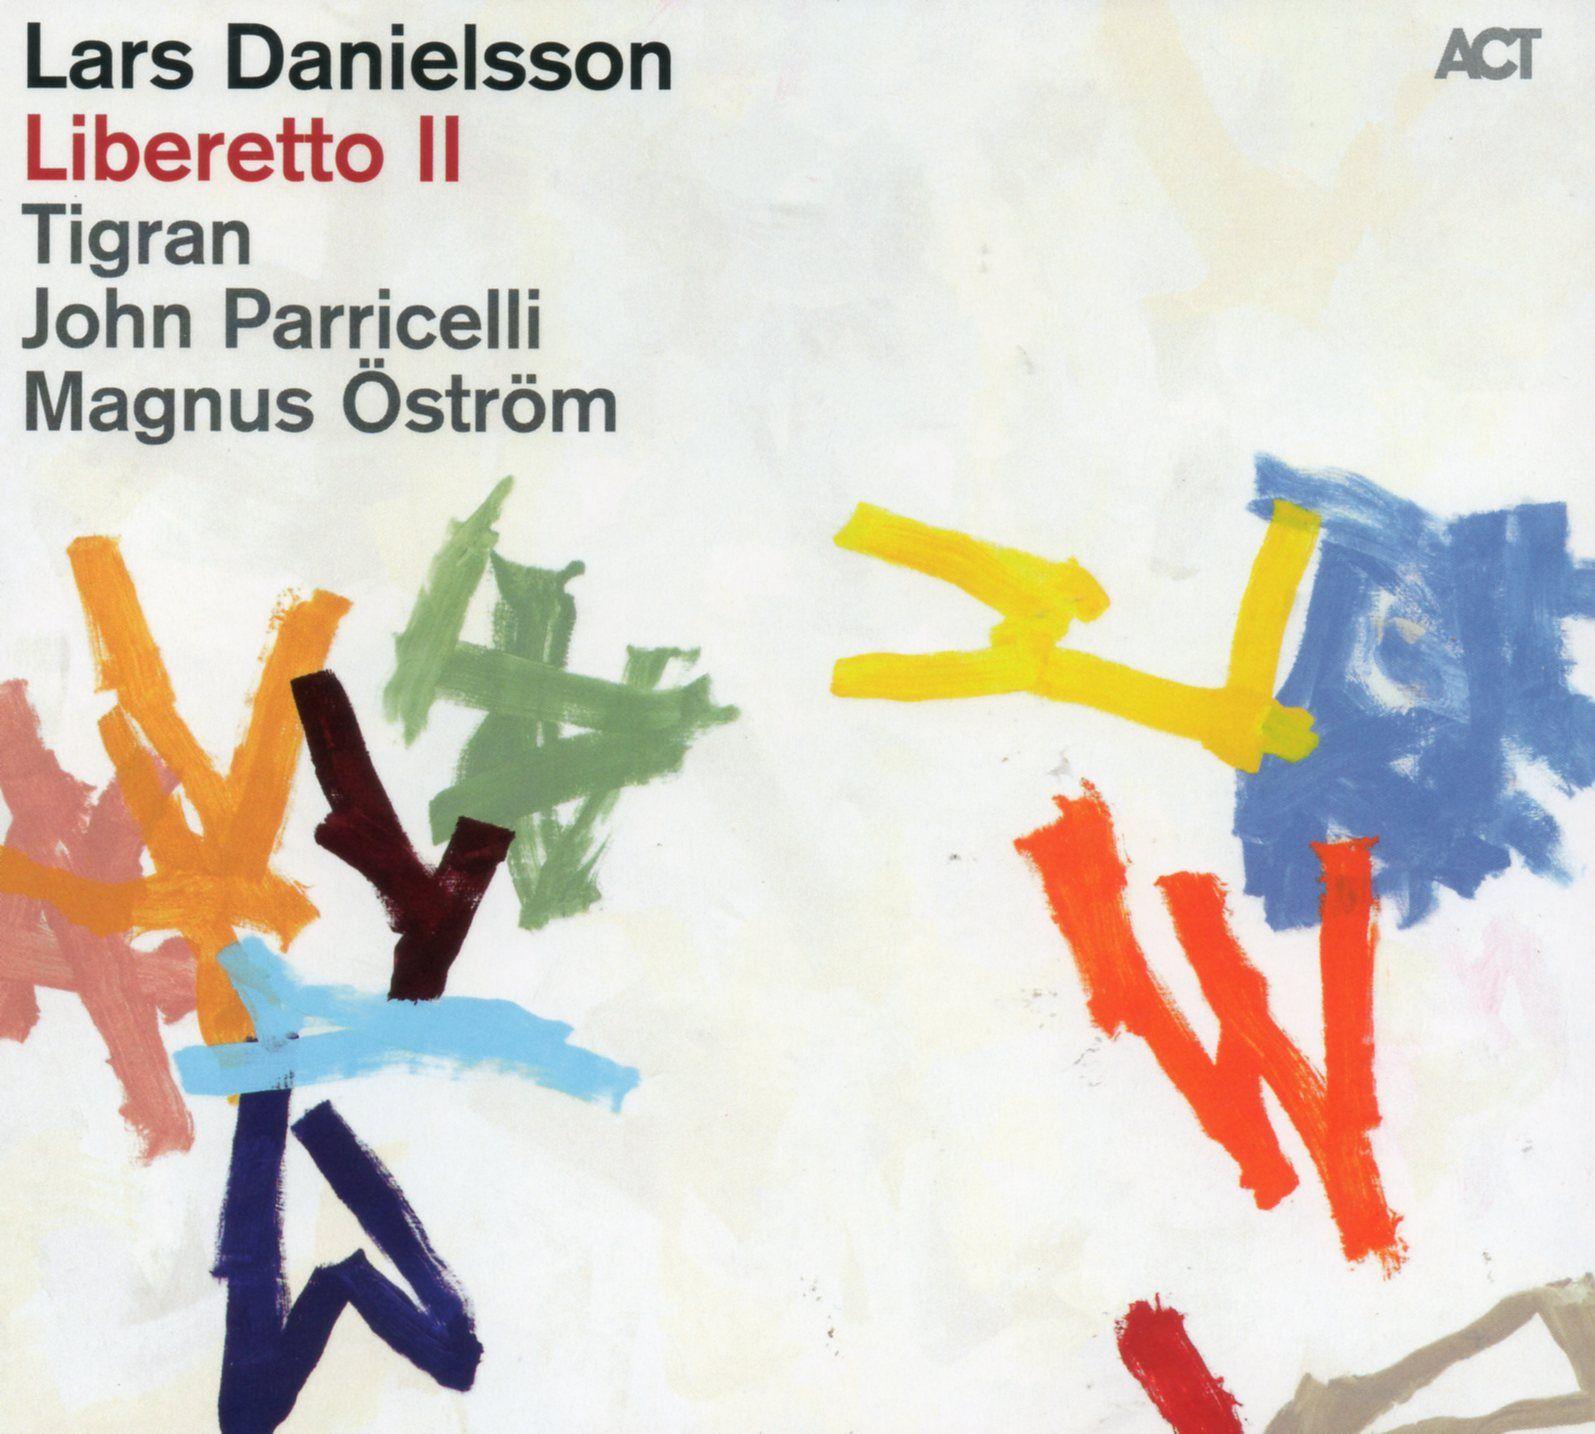 Lars Danielsson - Suoni e strumenti